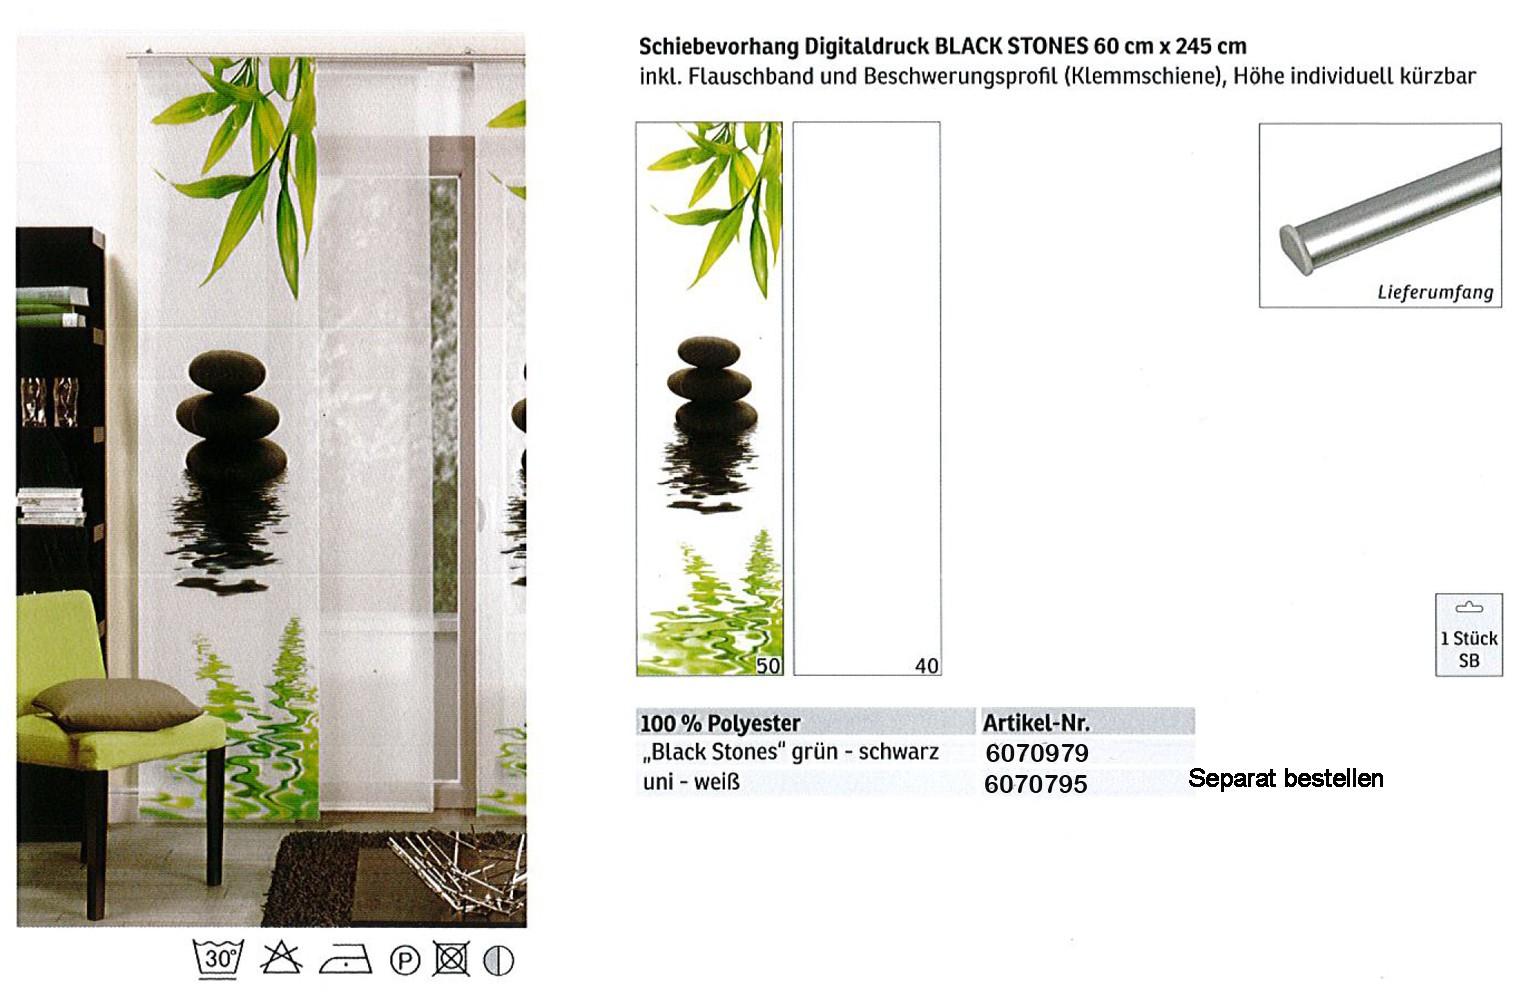 Schiebevorhang Digitaldruck Black Stones Grün-Schwarz, ca.60 x 245 cm